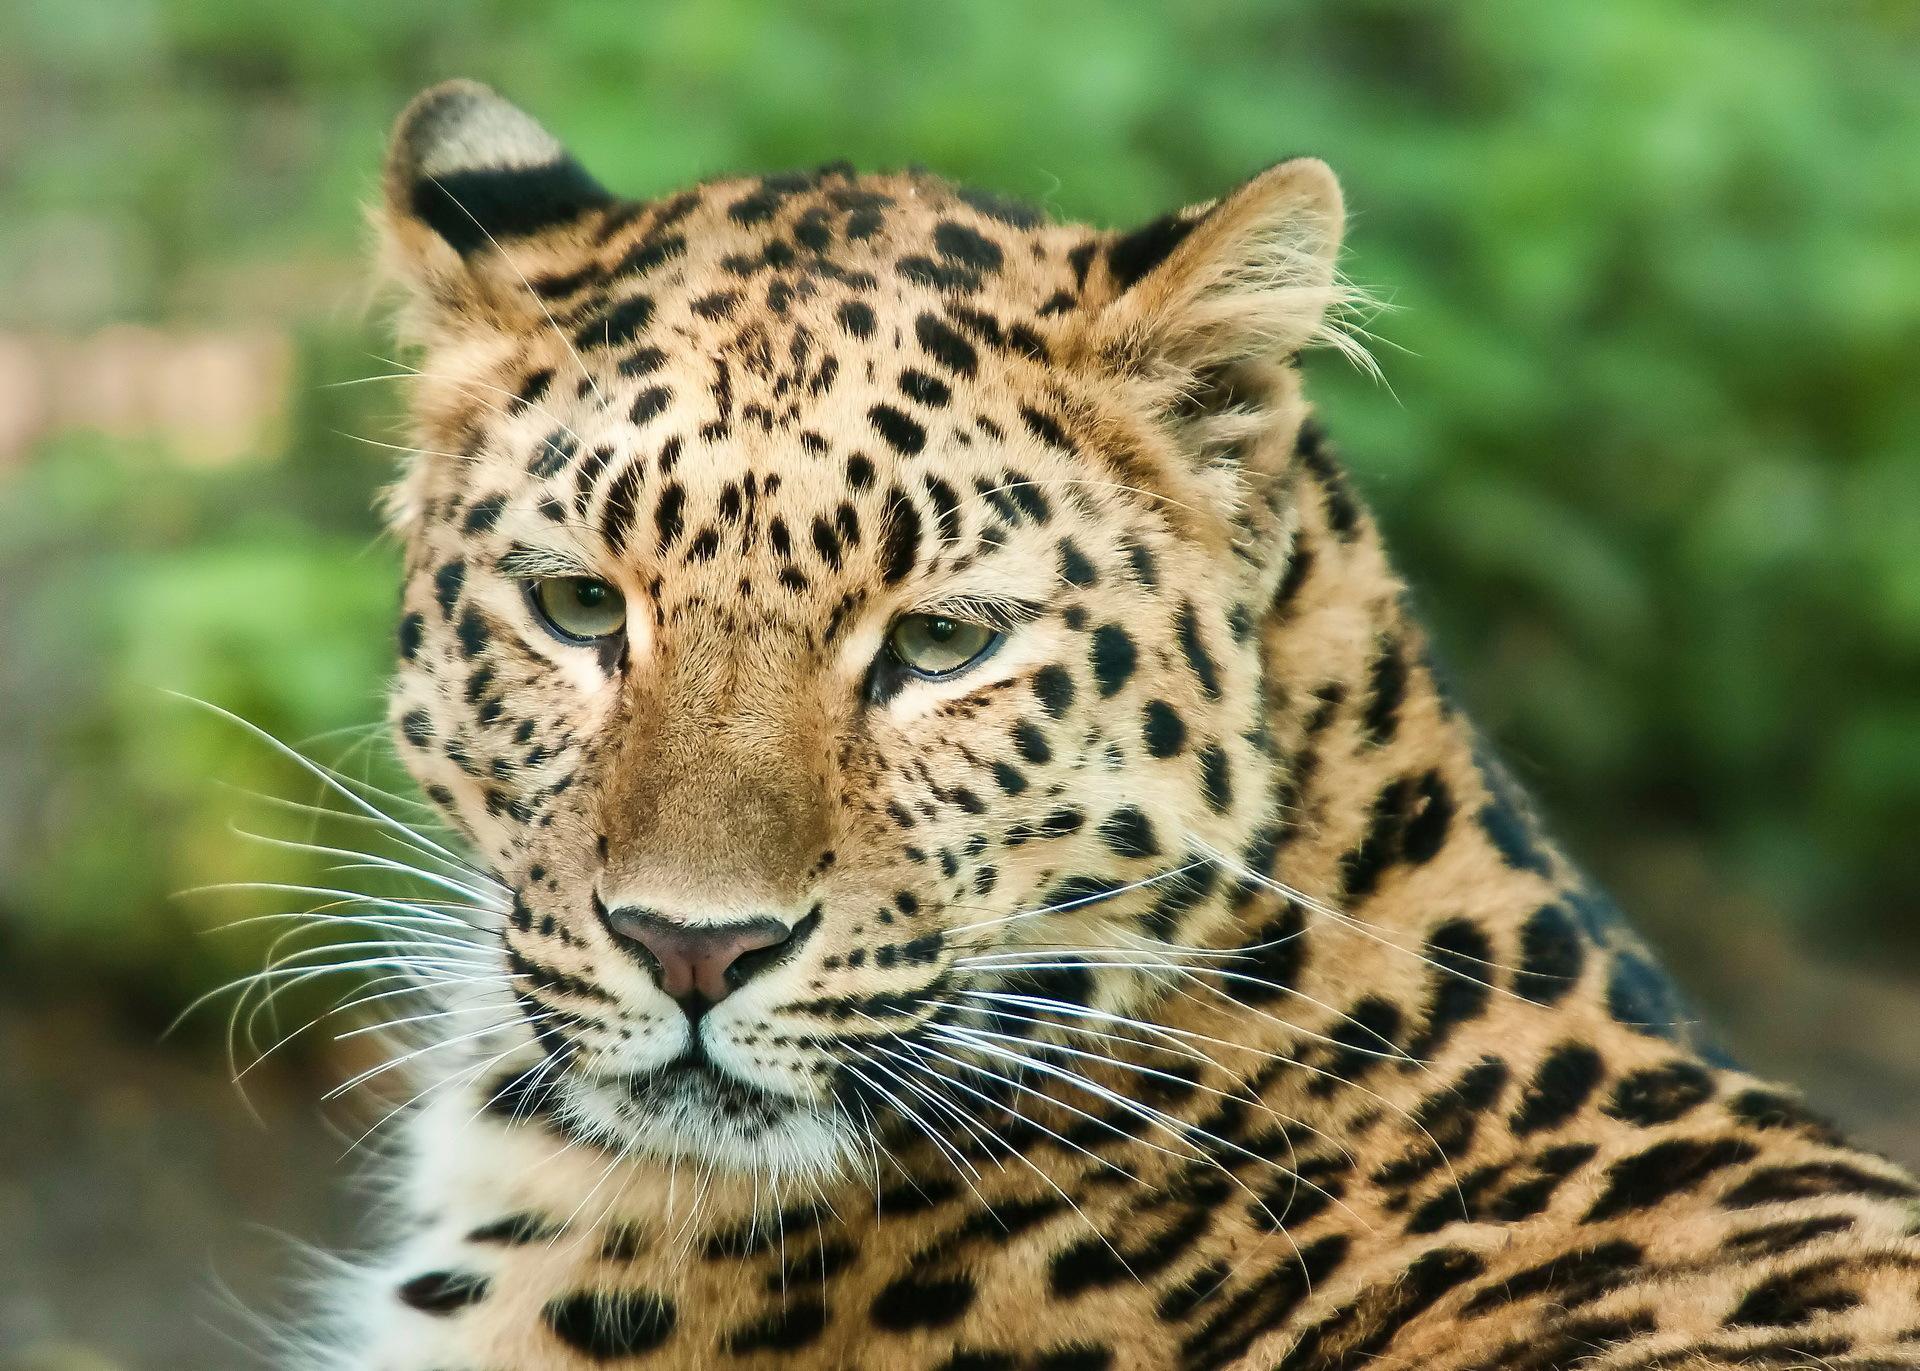 Спокойный взгляд леопарда - обои для рабочего стола ...  Взгляд Леопарда